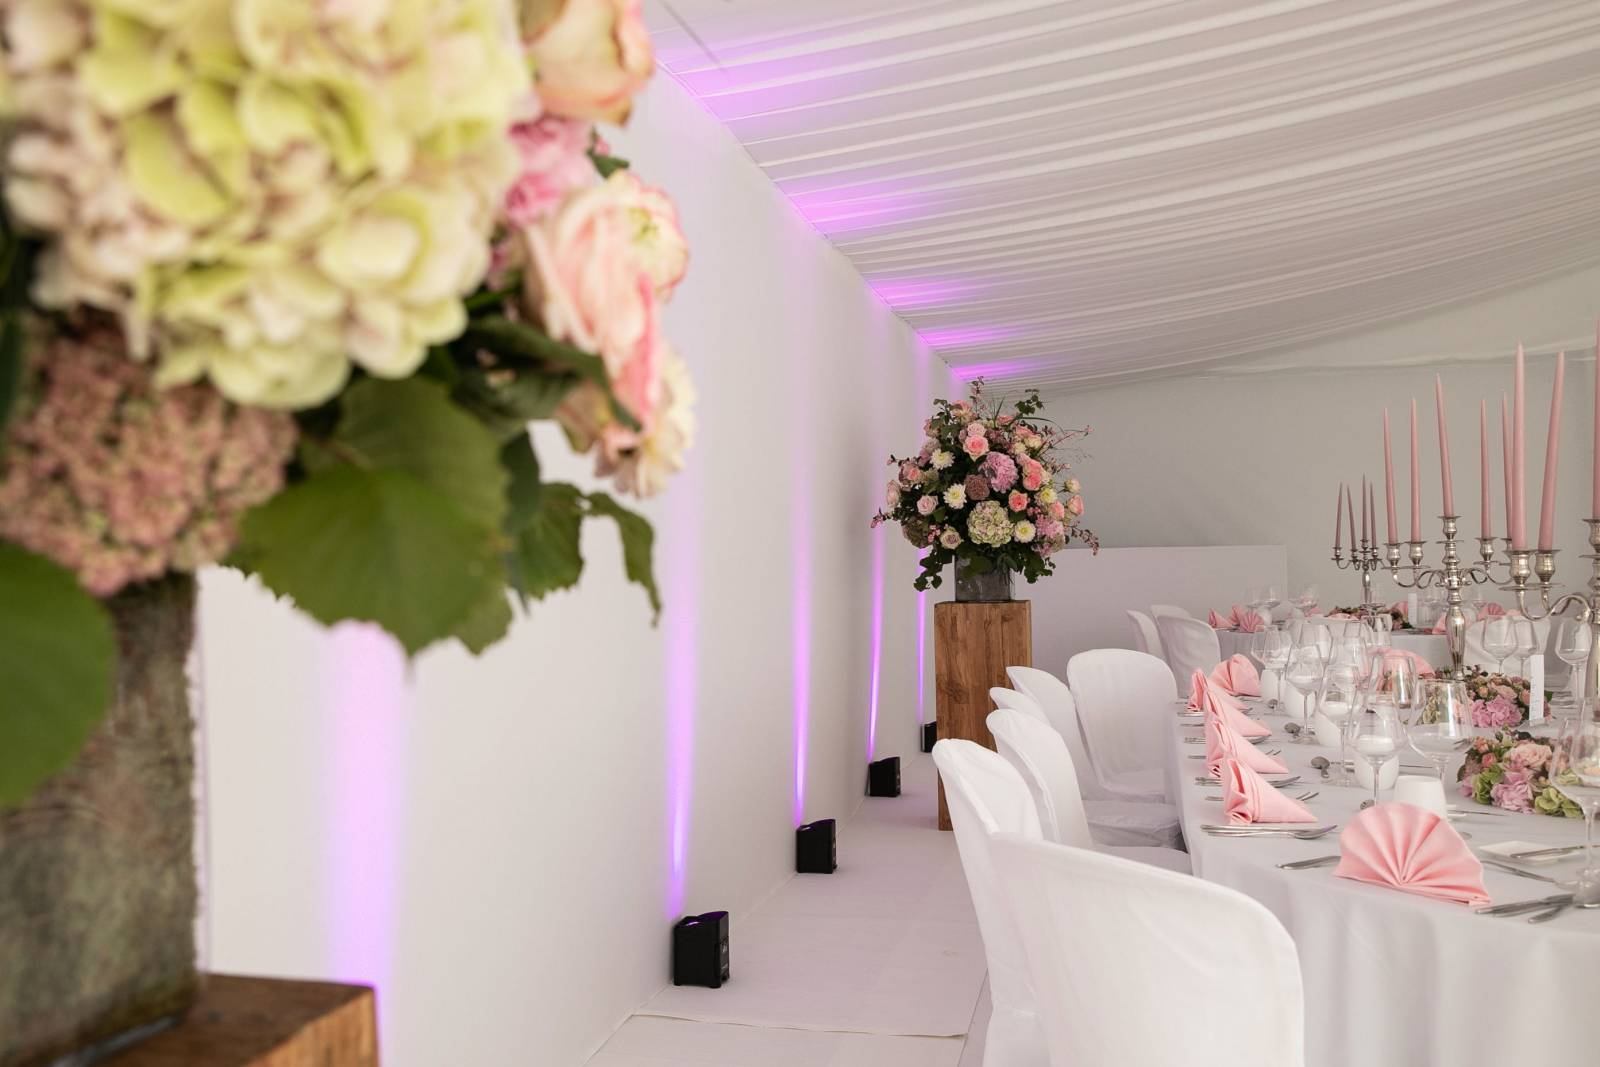 Nima Rent - Trouwdecoratie - House of Weddings - 7